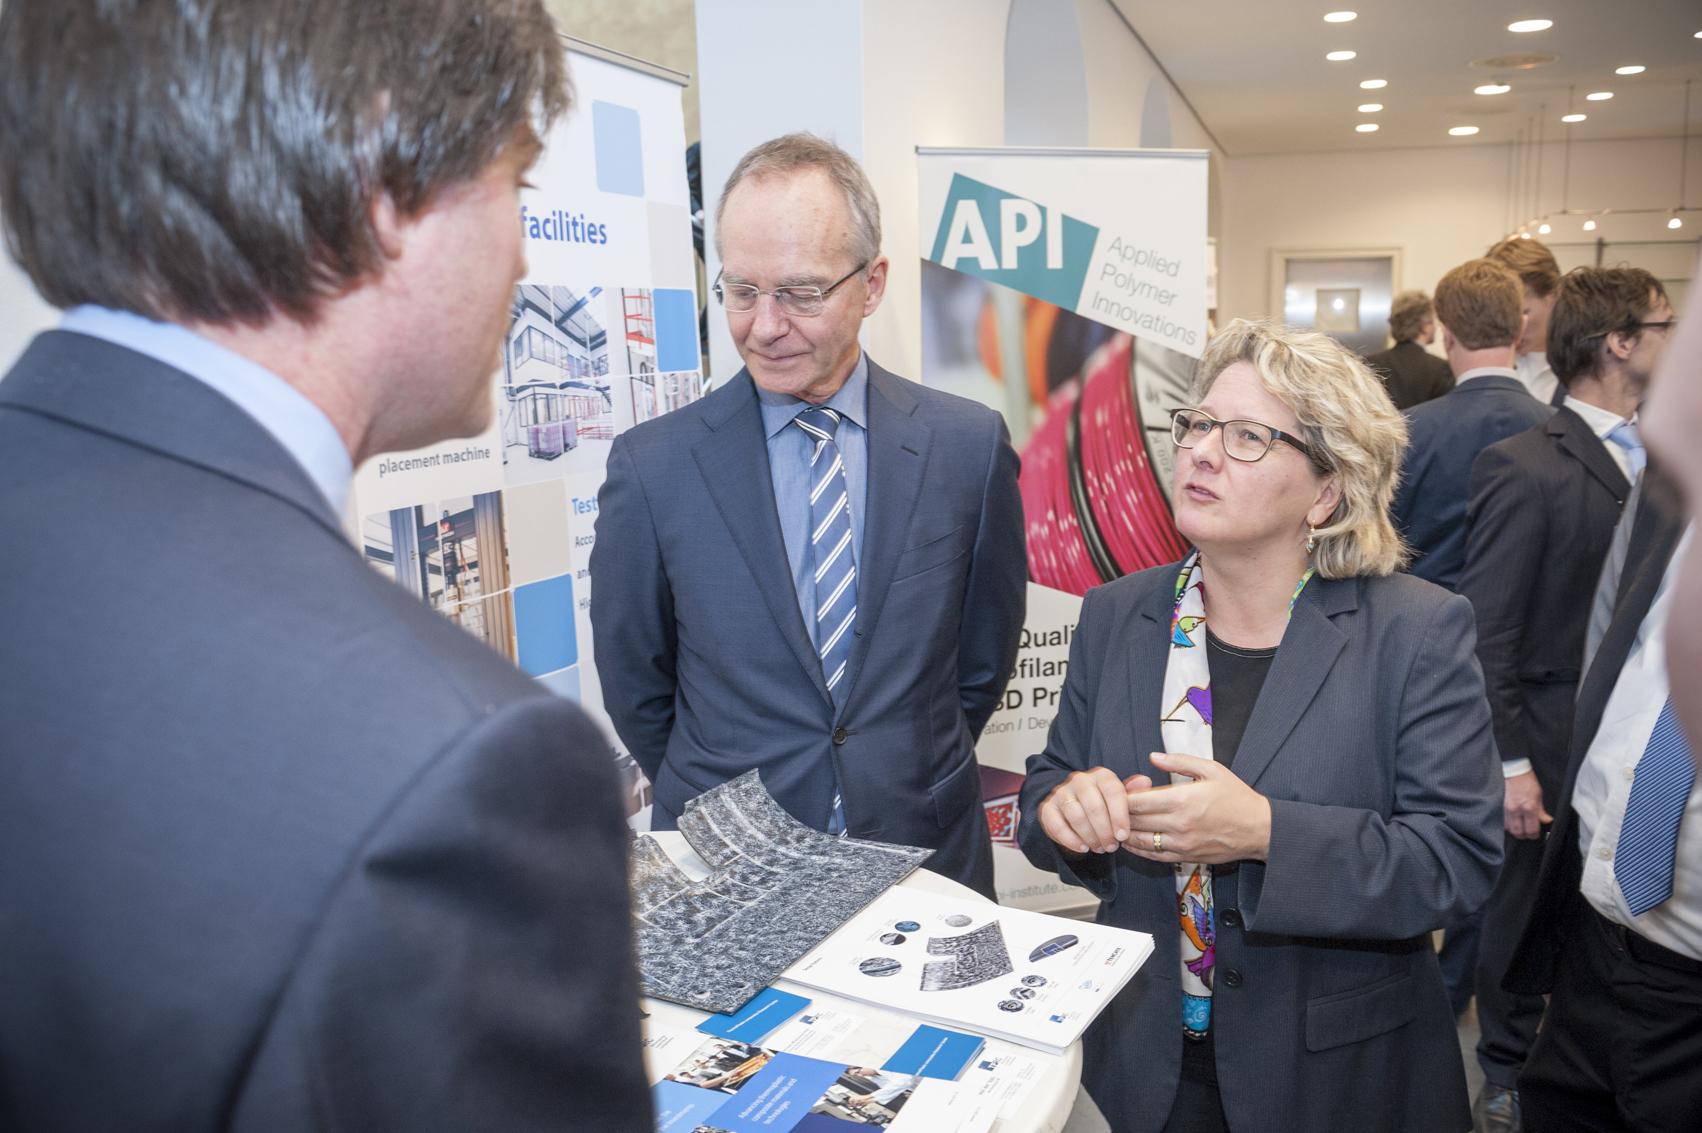 Matching for new Materials mit Svenja Schulze, Ministerin für Innovation, Wissenschaft und Forschung und  Henk Kamp, Minister für Wirtschaft in den Niederlanden.